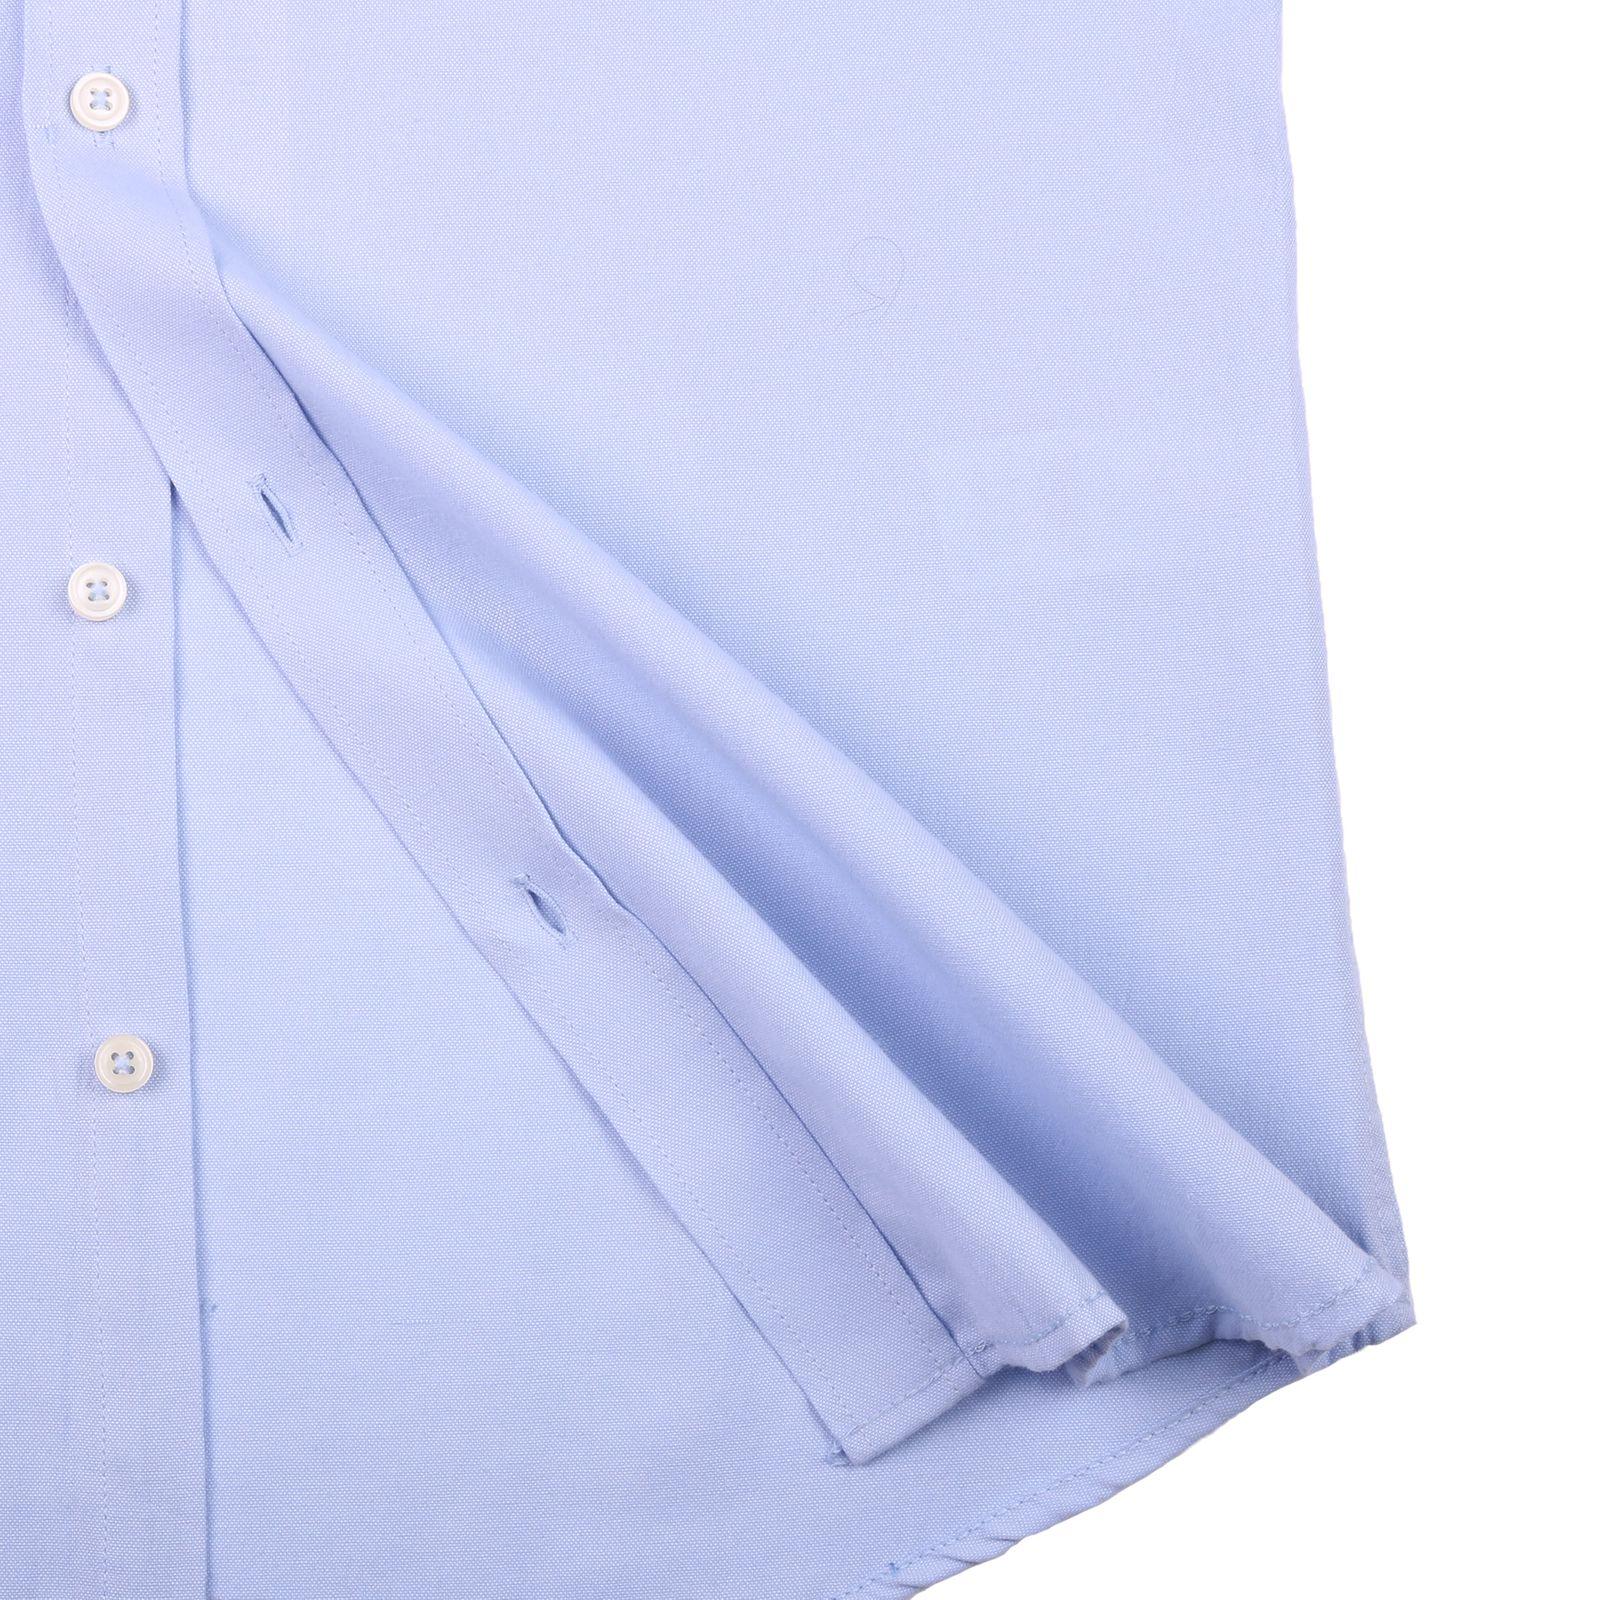 پیراهن مردانه کوک تریکو مدل 61727 -  - 7